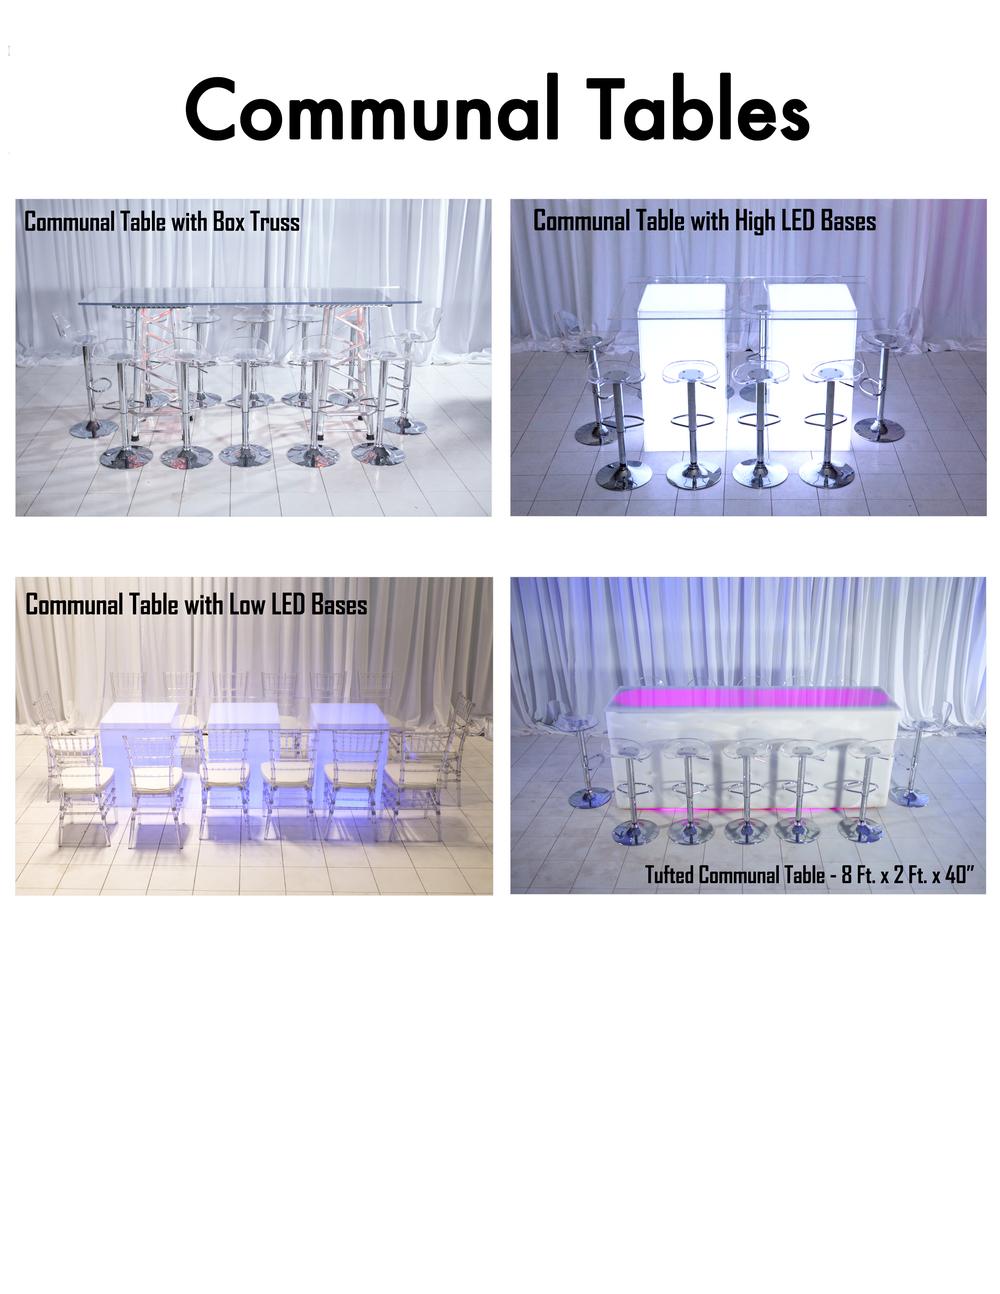 P43_Communal Tables.jpg